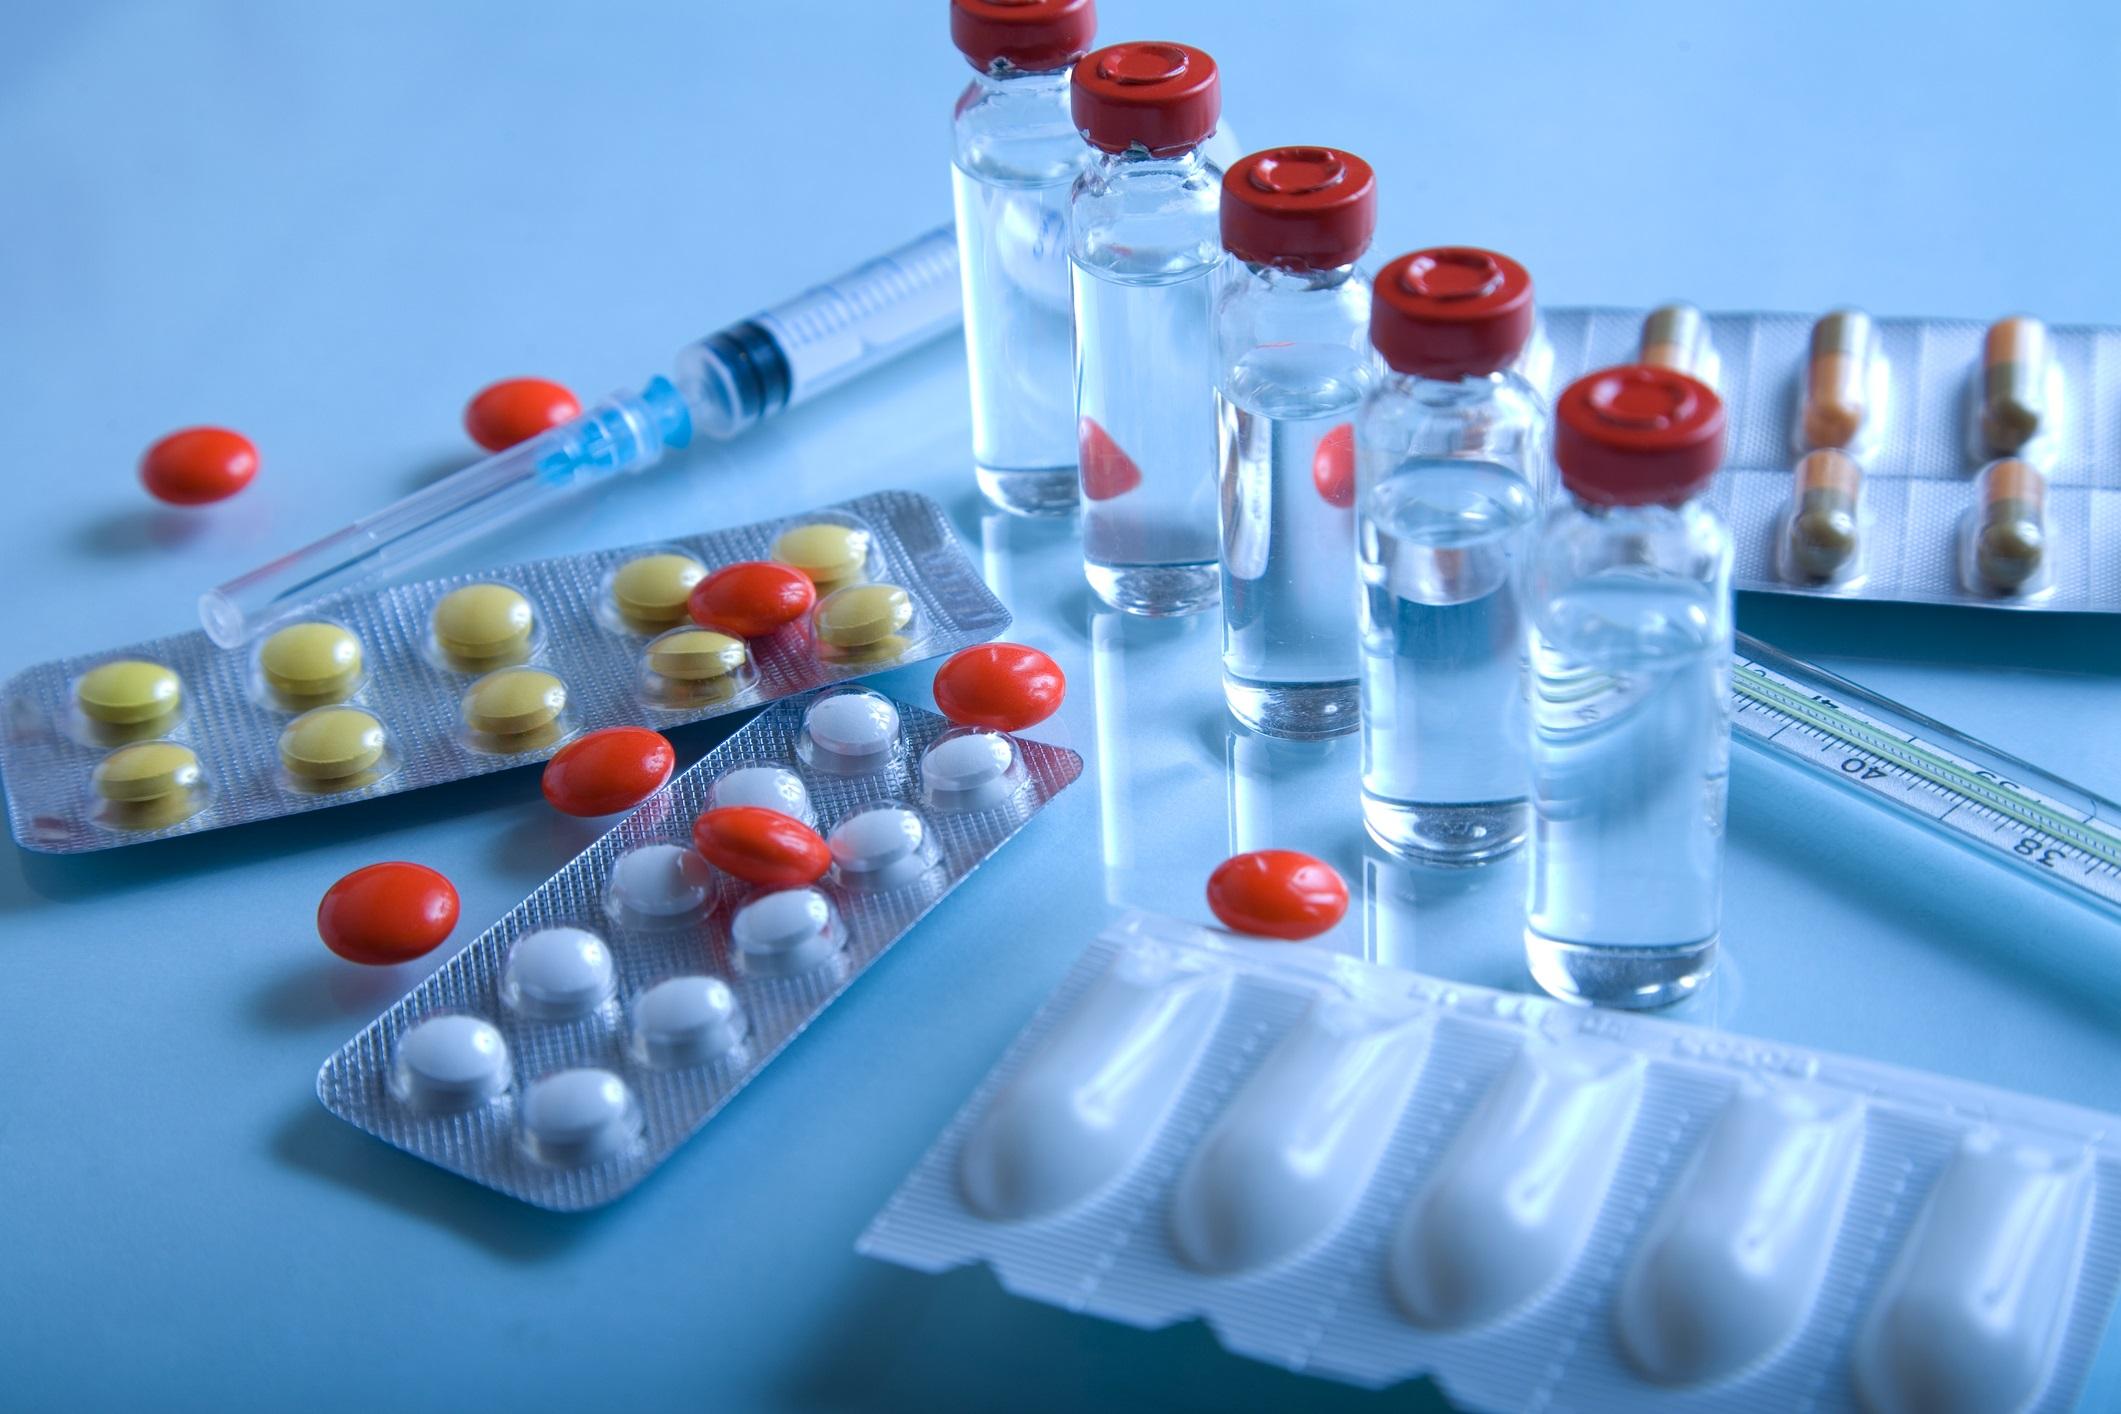 Лечение сальмонеллеза в домашних условиях требует изоляции зараженного пациента